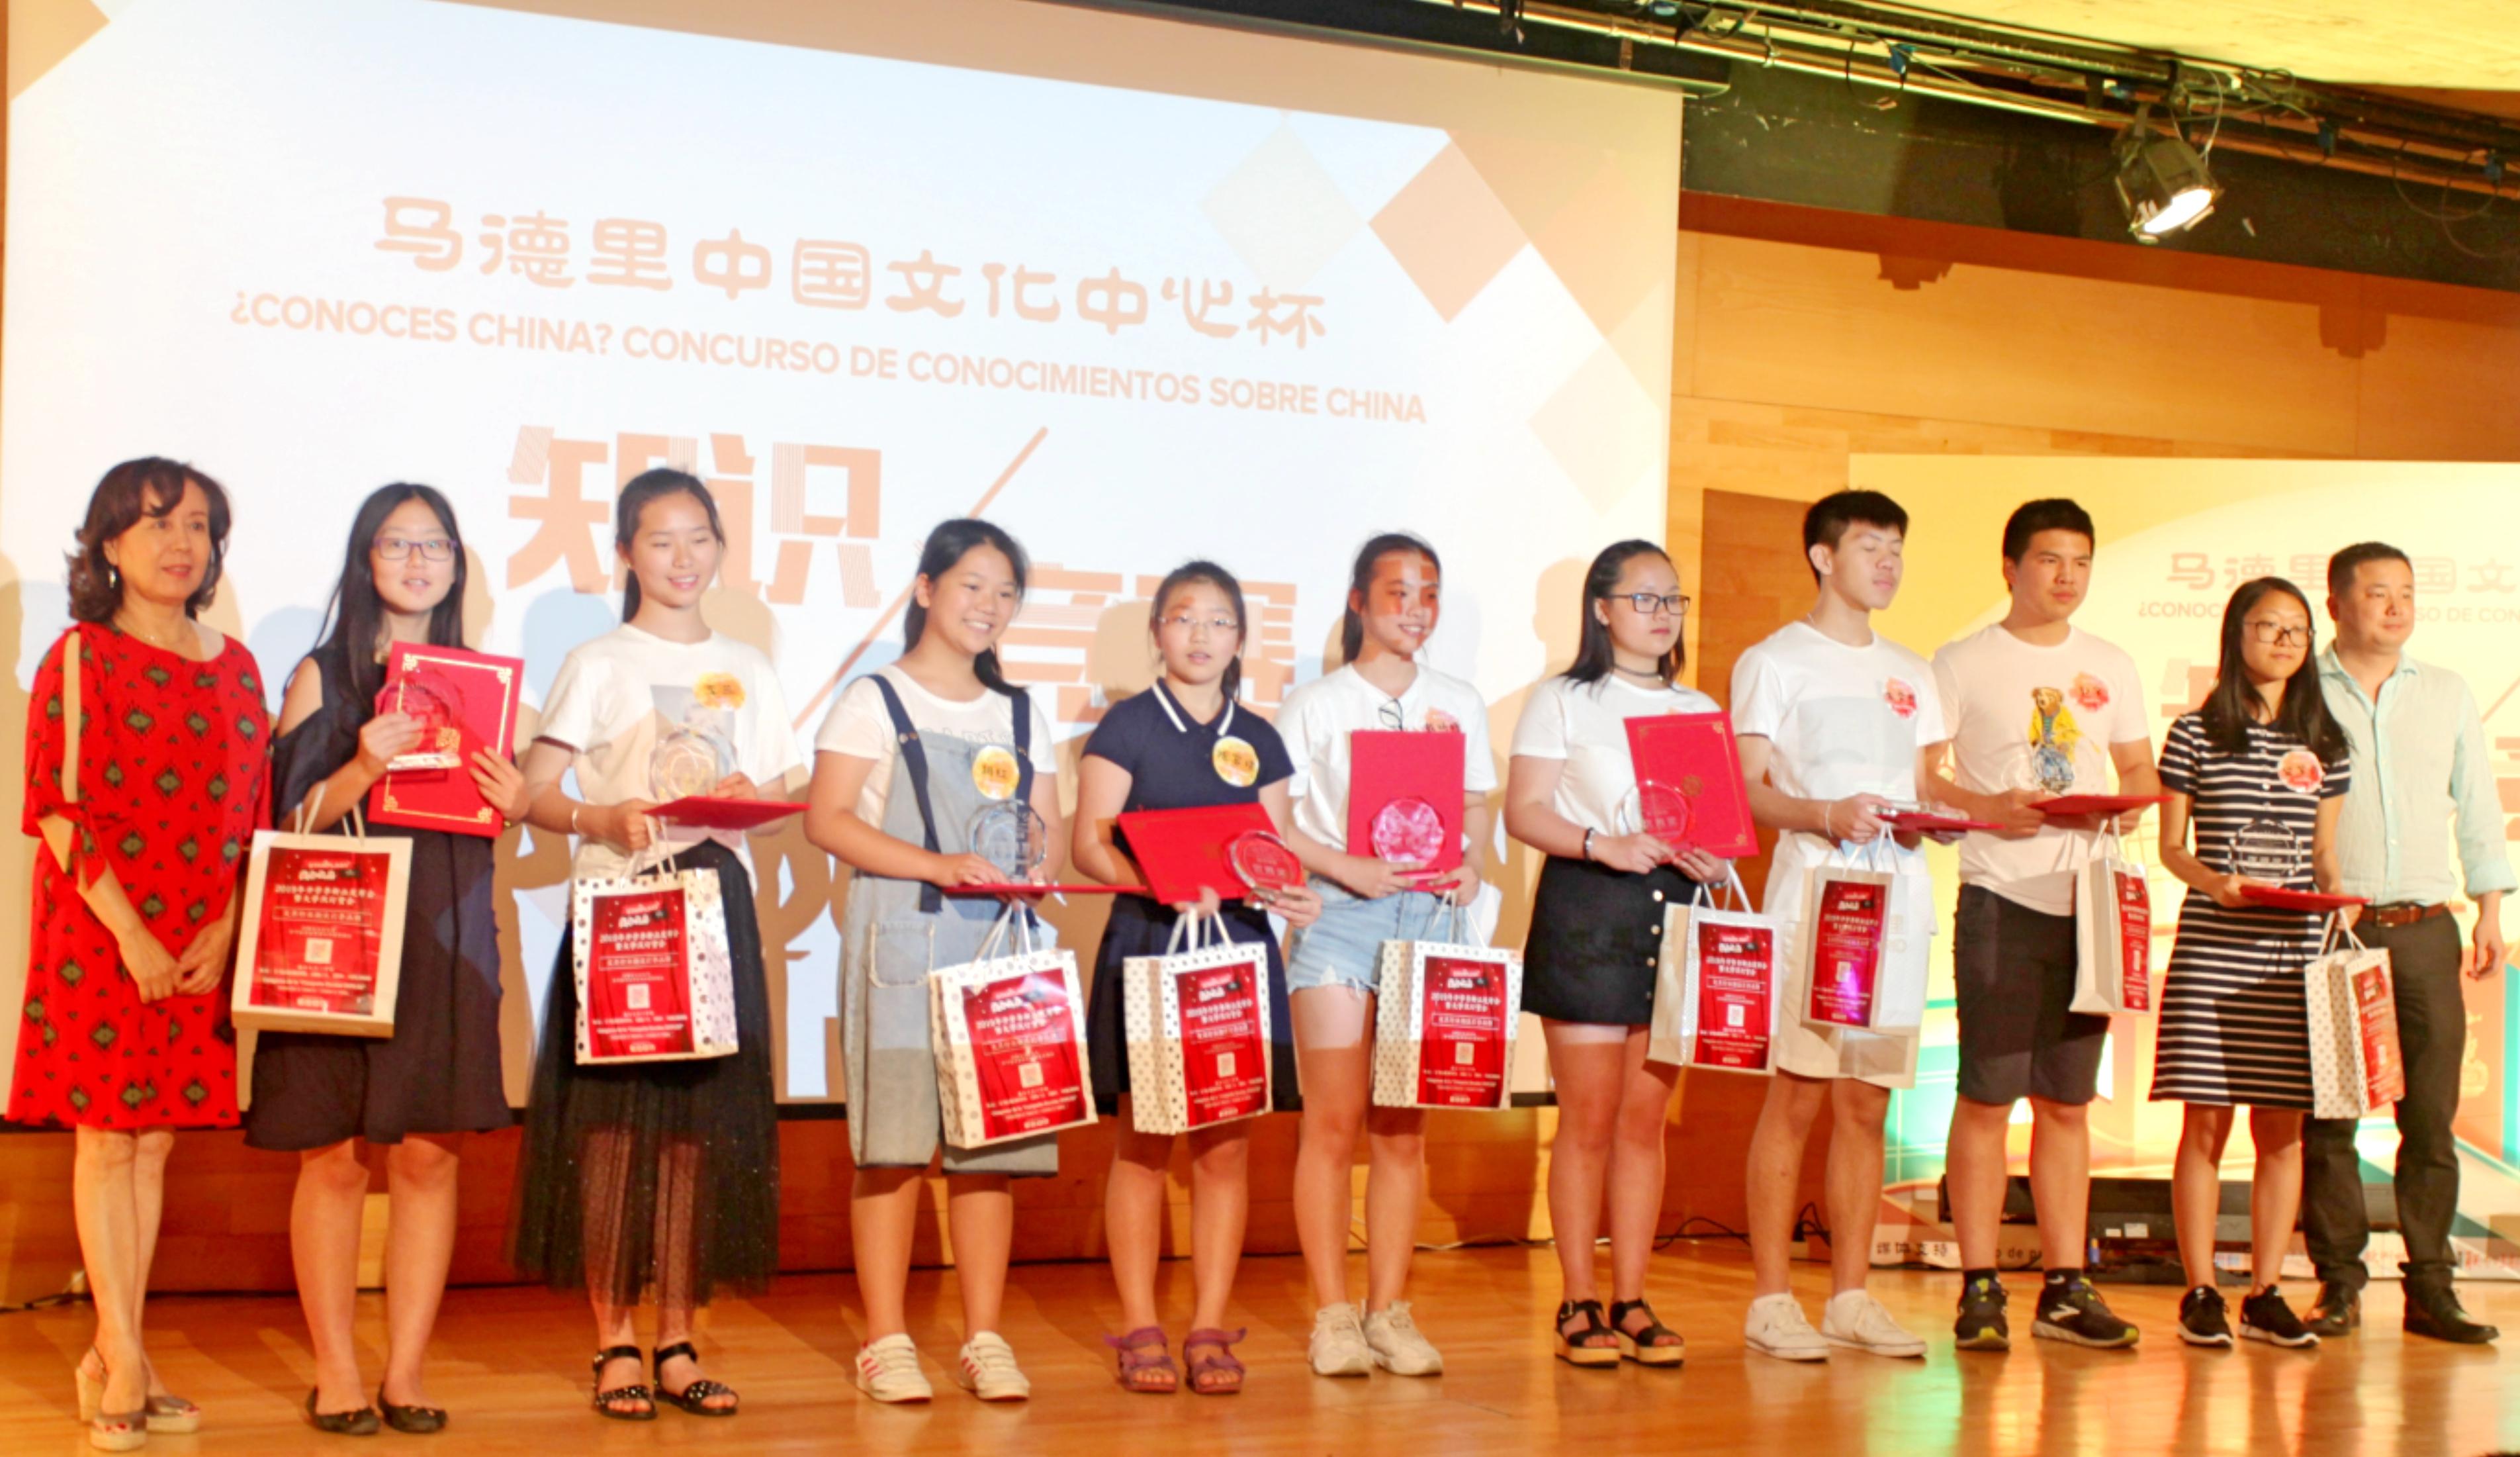 嘉宾给获得优秀奖的选手颁奖